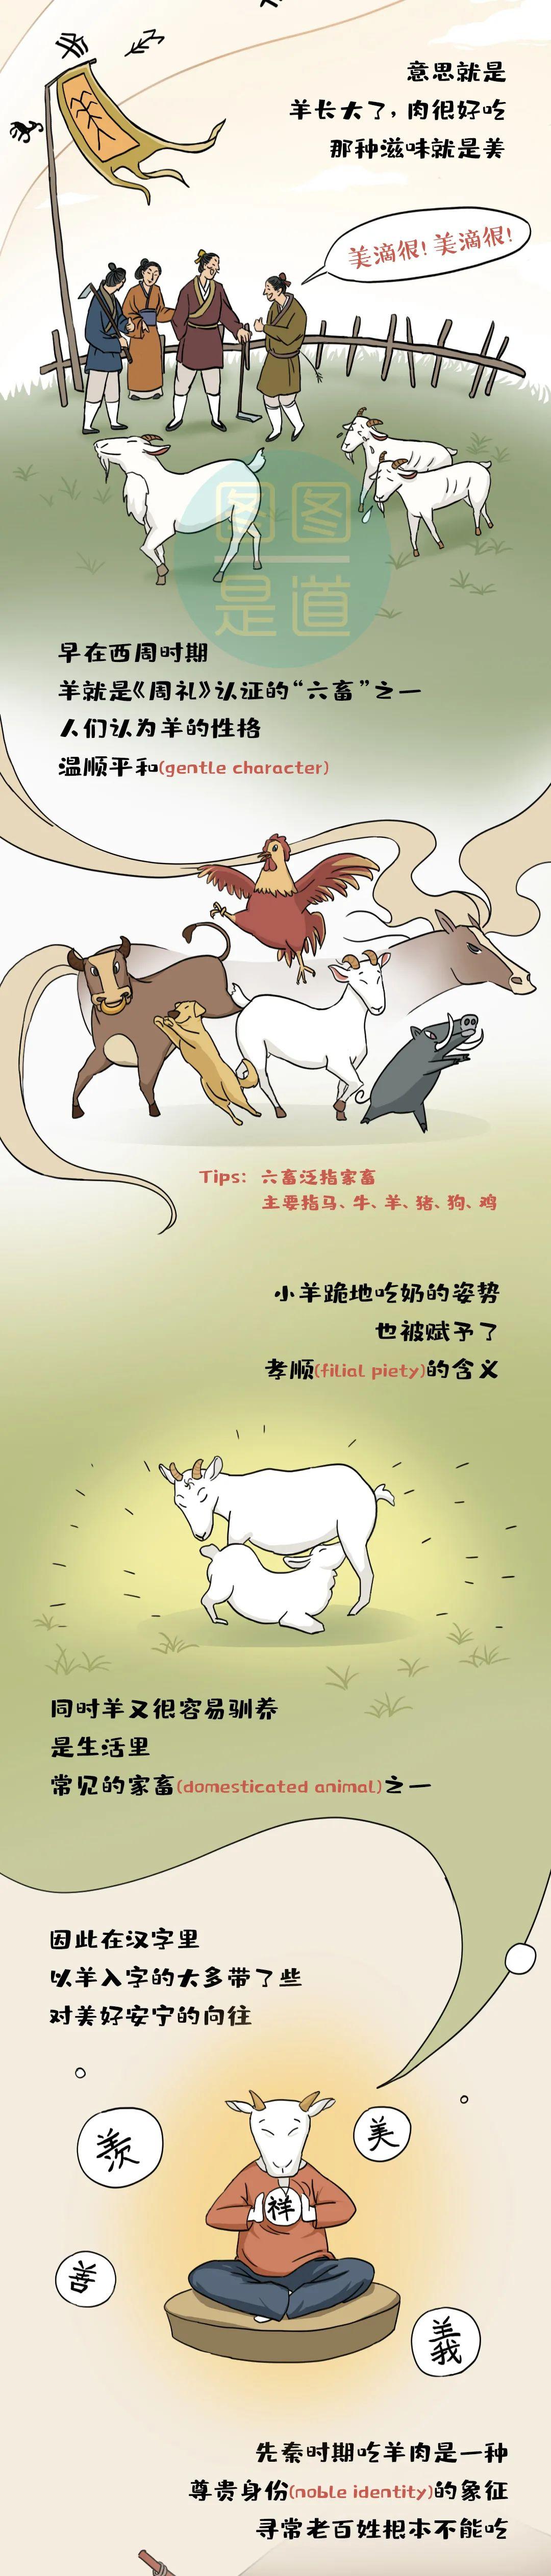 咩咩咩~羊肉为什么有膻味?| 图图是道